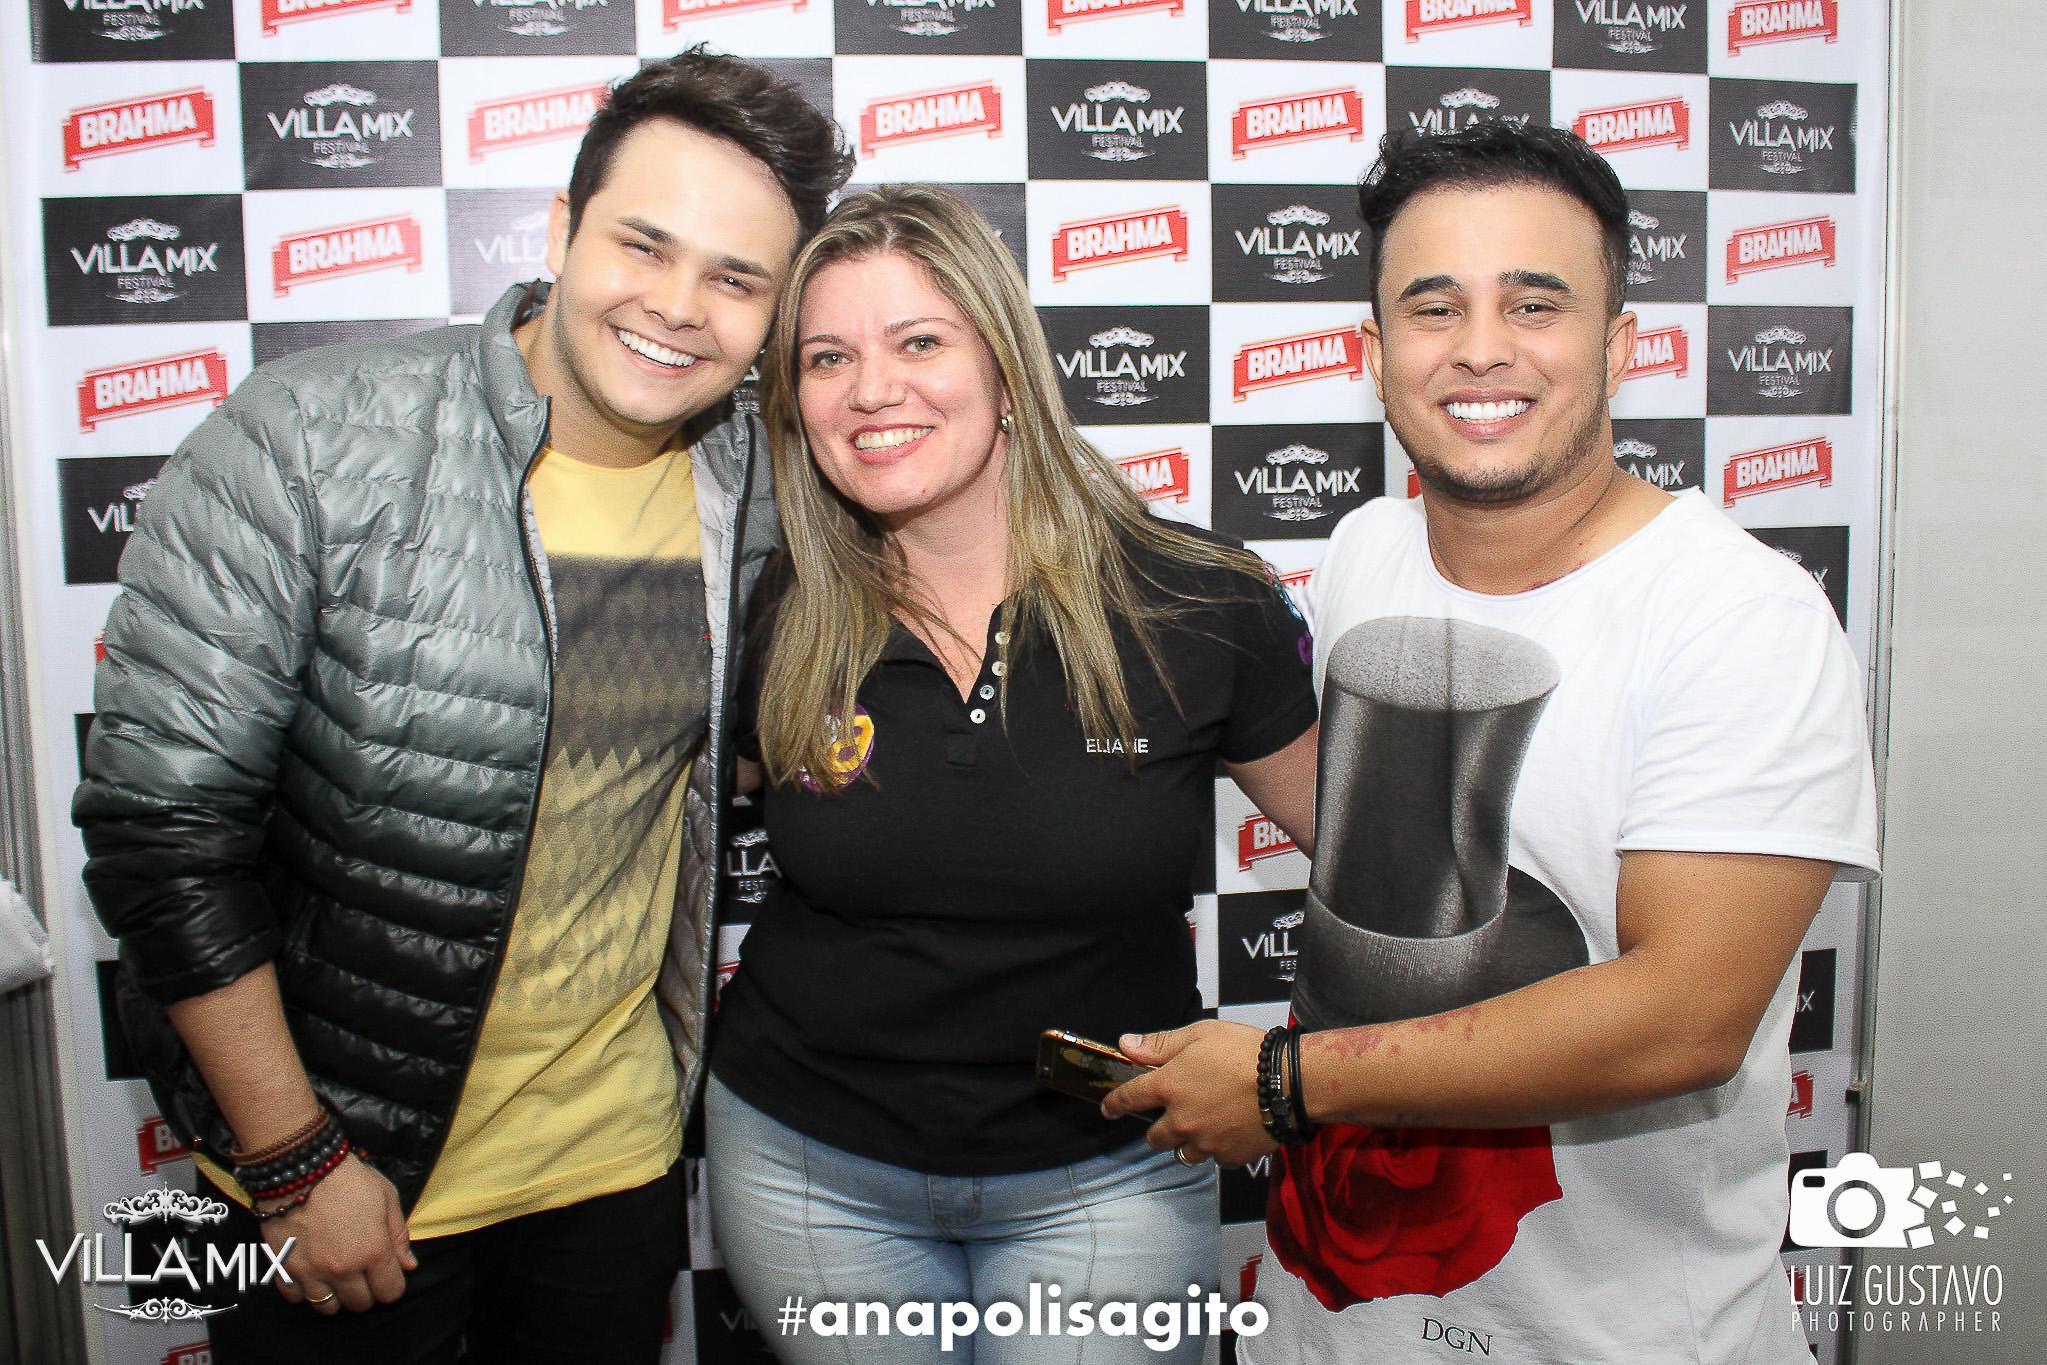 Luiz Gustavo Photographer (220 de 327)